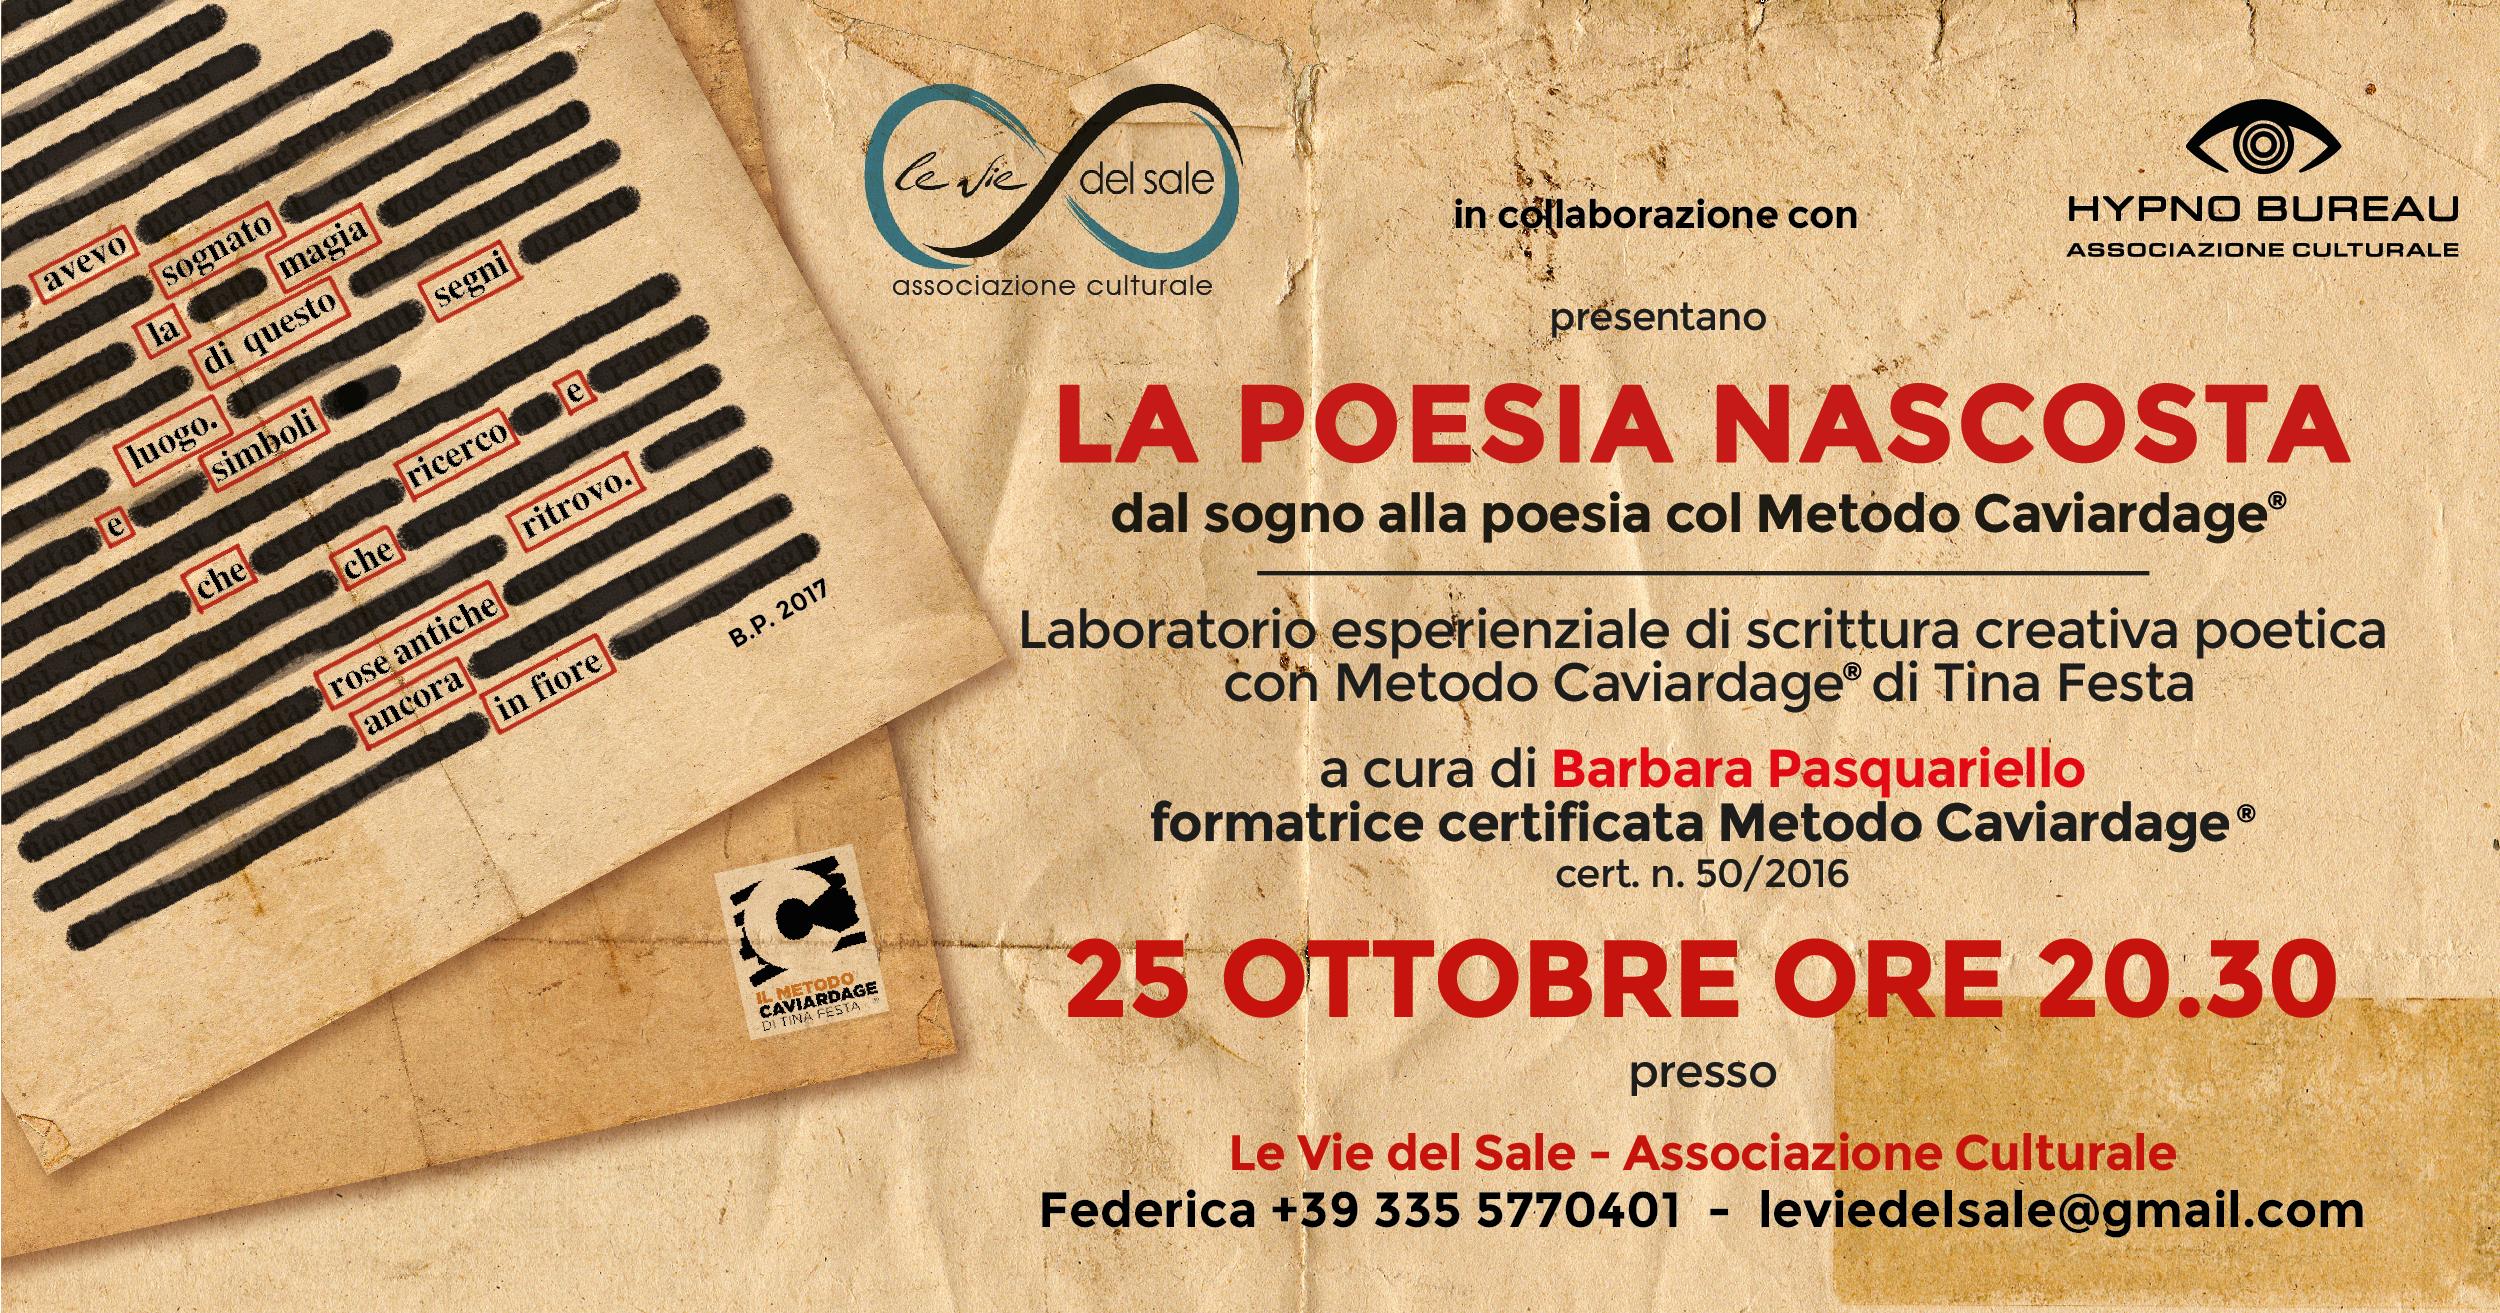 l laboratorio di Metodo Caviardage® - Hypno Bureau in collaborazione con Le Vie del Sale